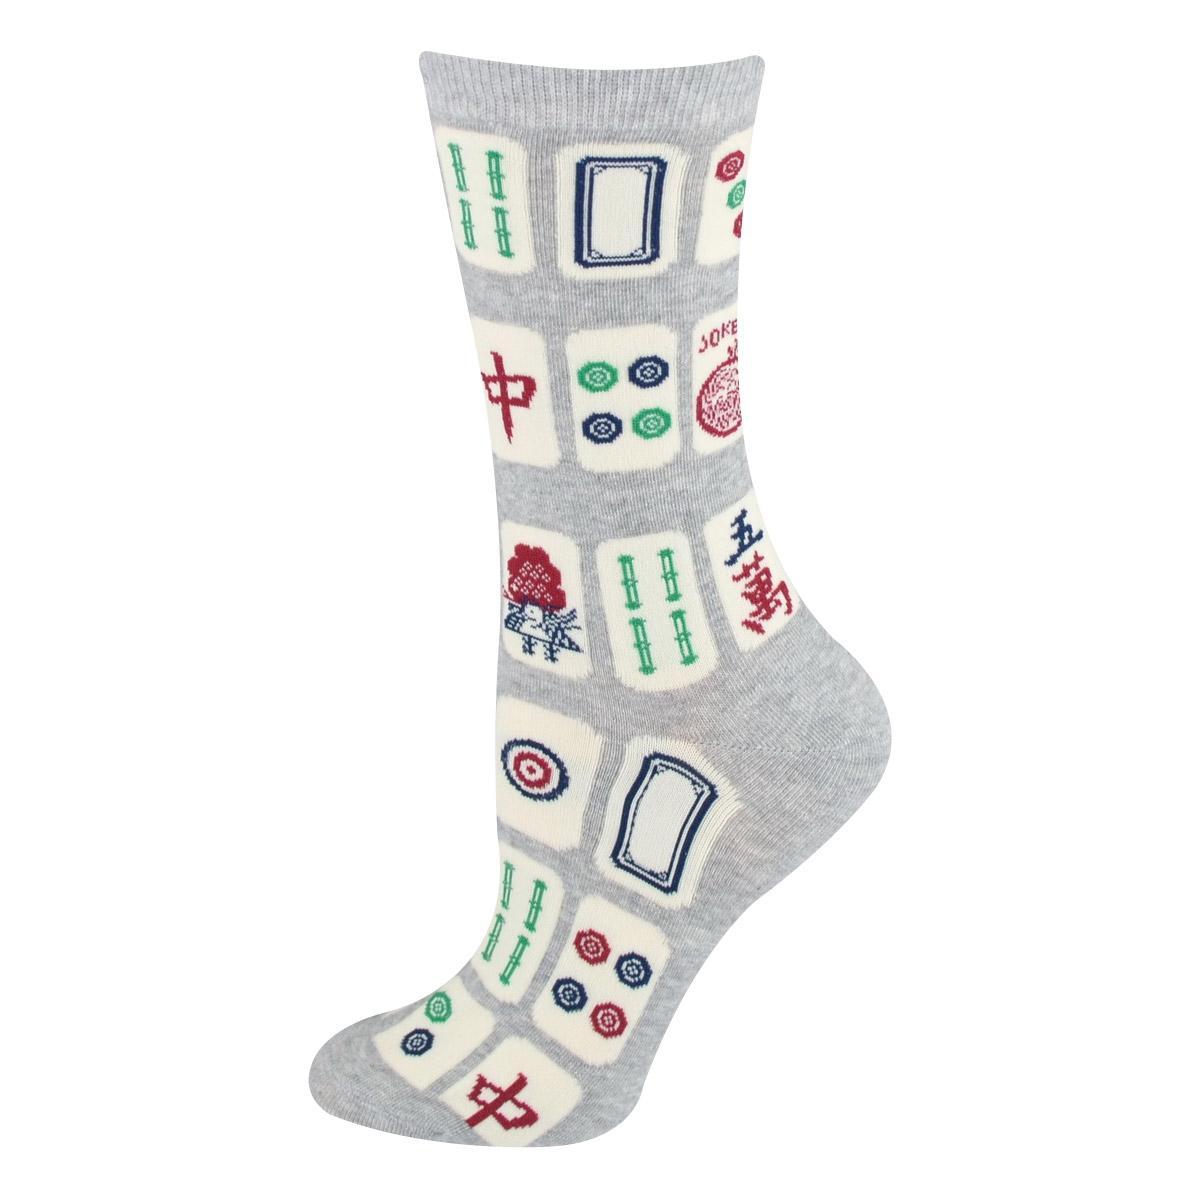 mah jong socks